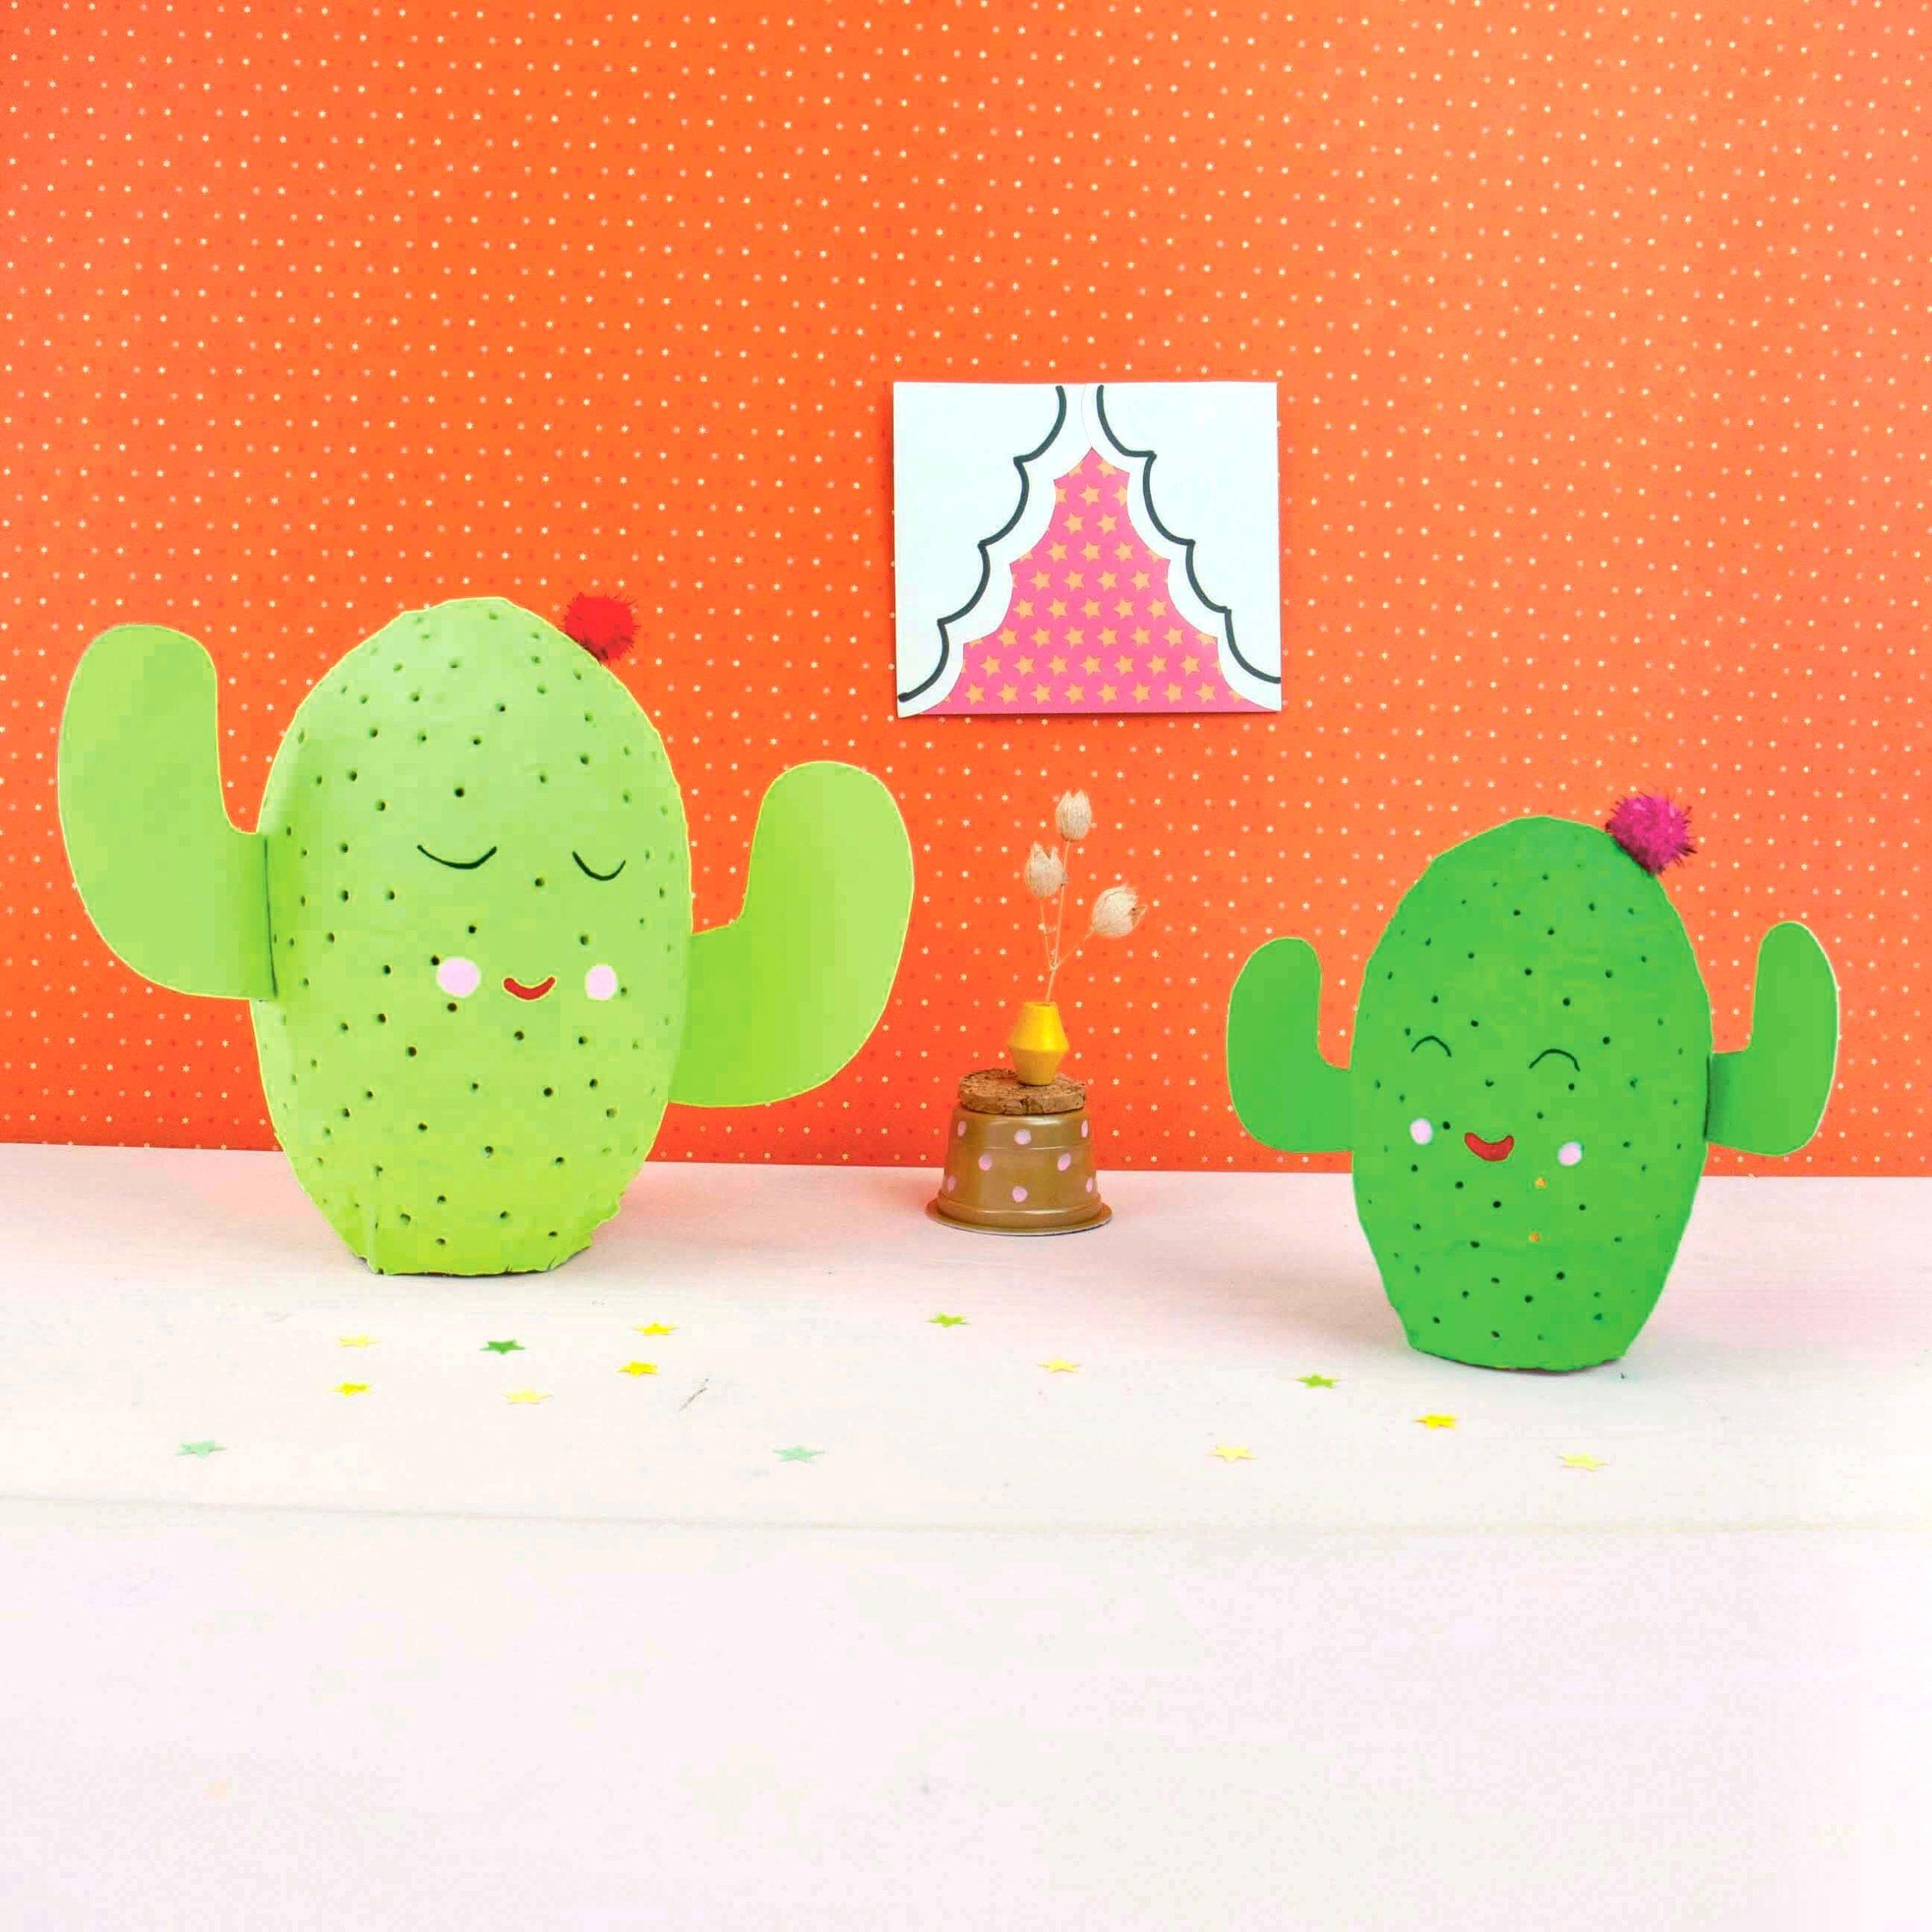 sommer-diy-kaktus-deko-kinderzimmer-basteln-upcycling-idee